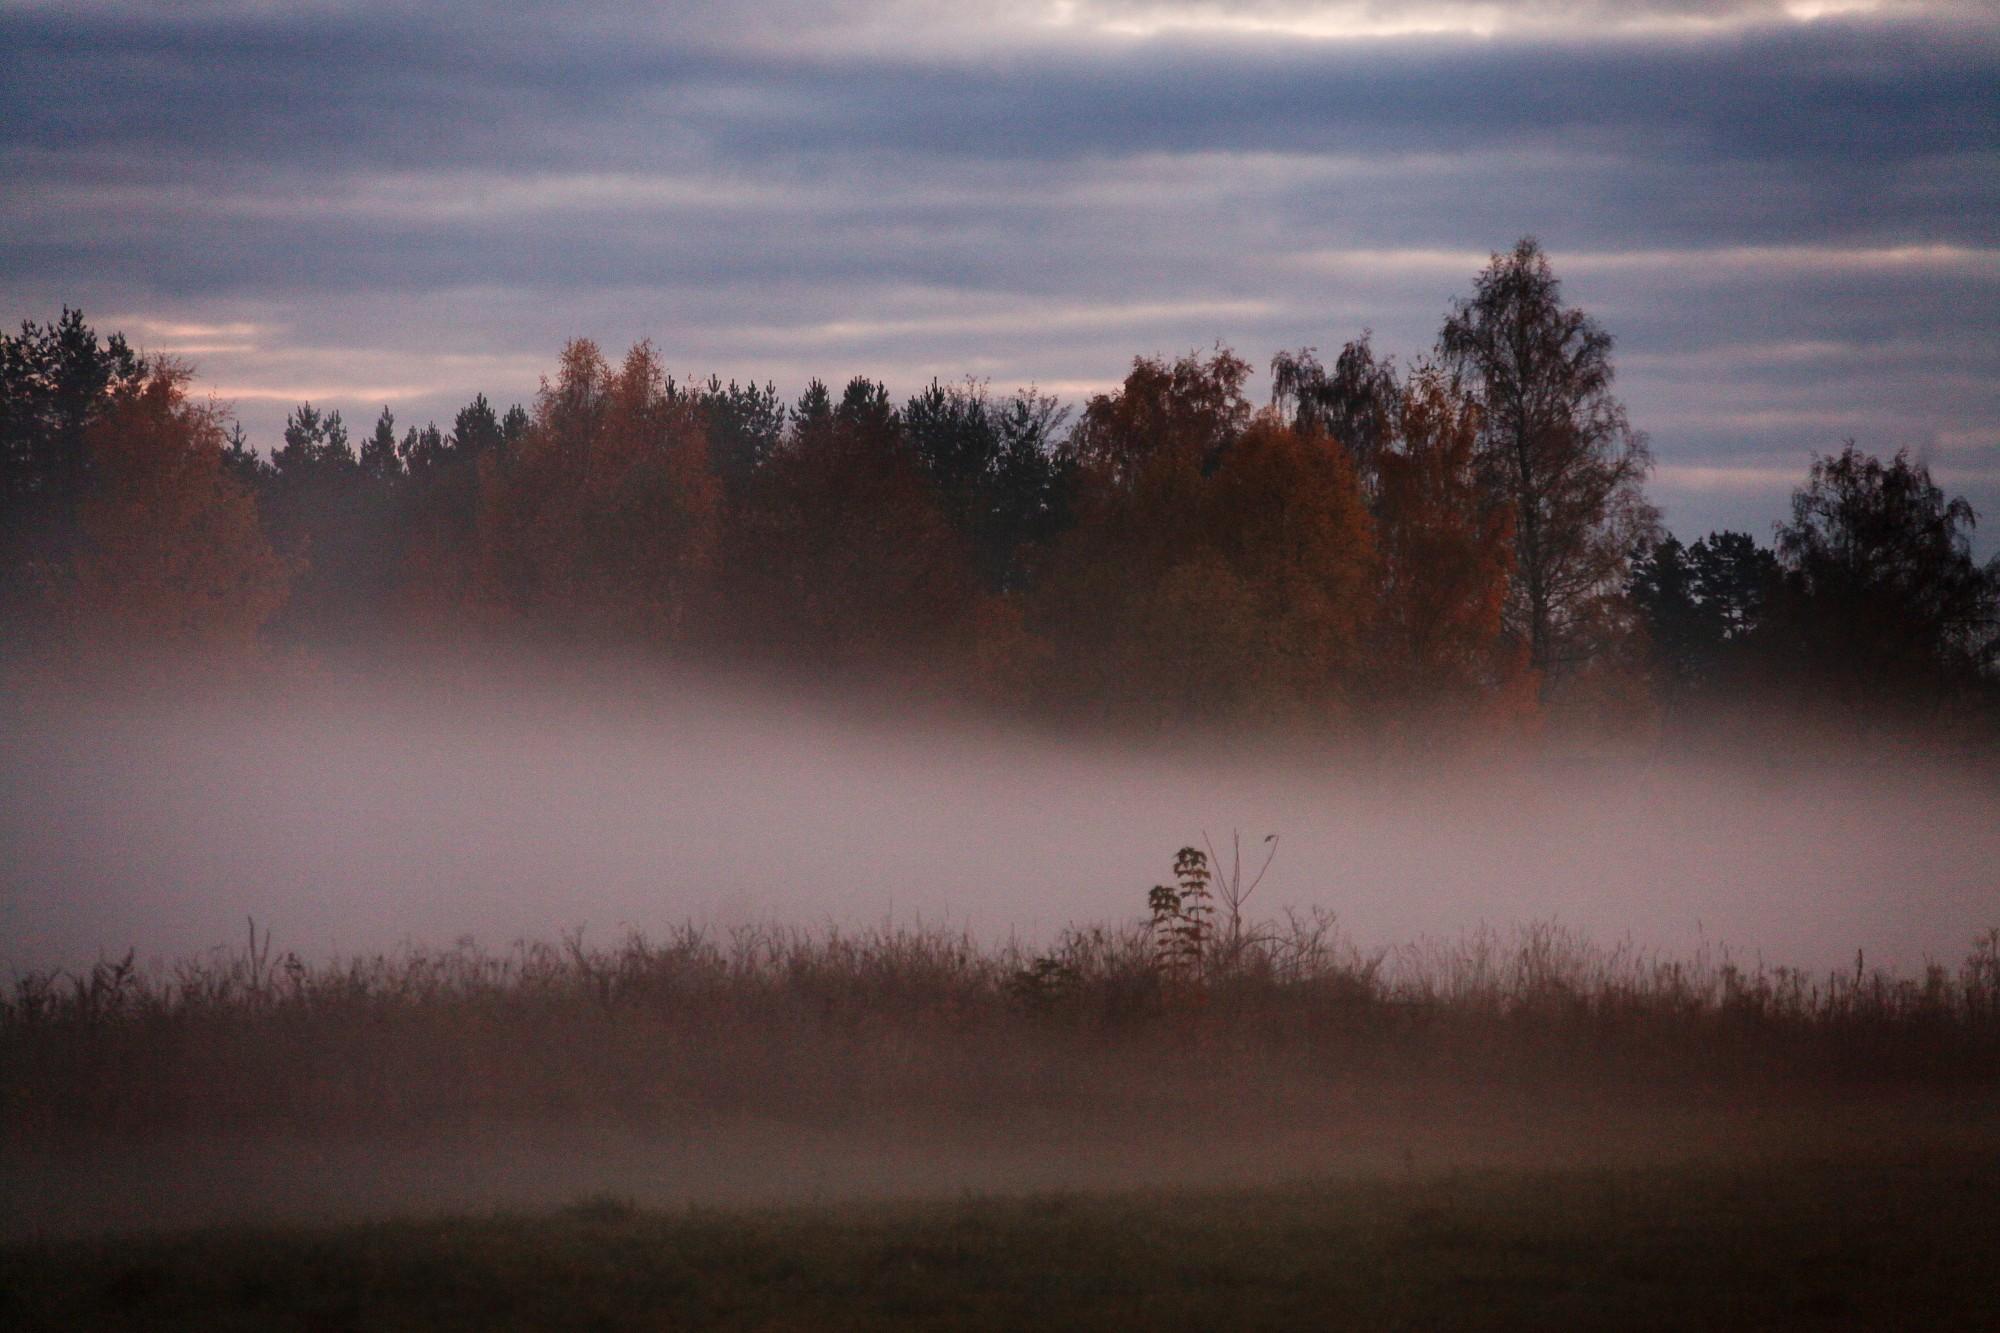 Аномальная ночь: в трех местах Латвии побиты рекорды холода